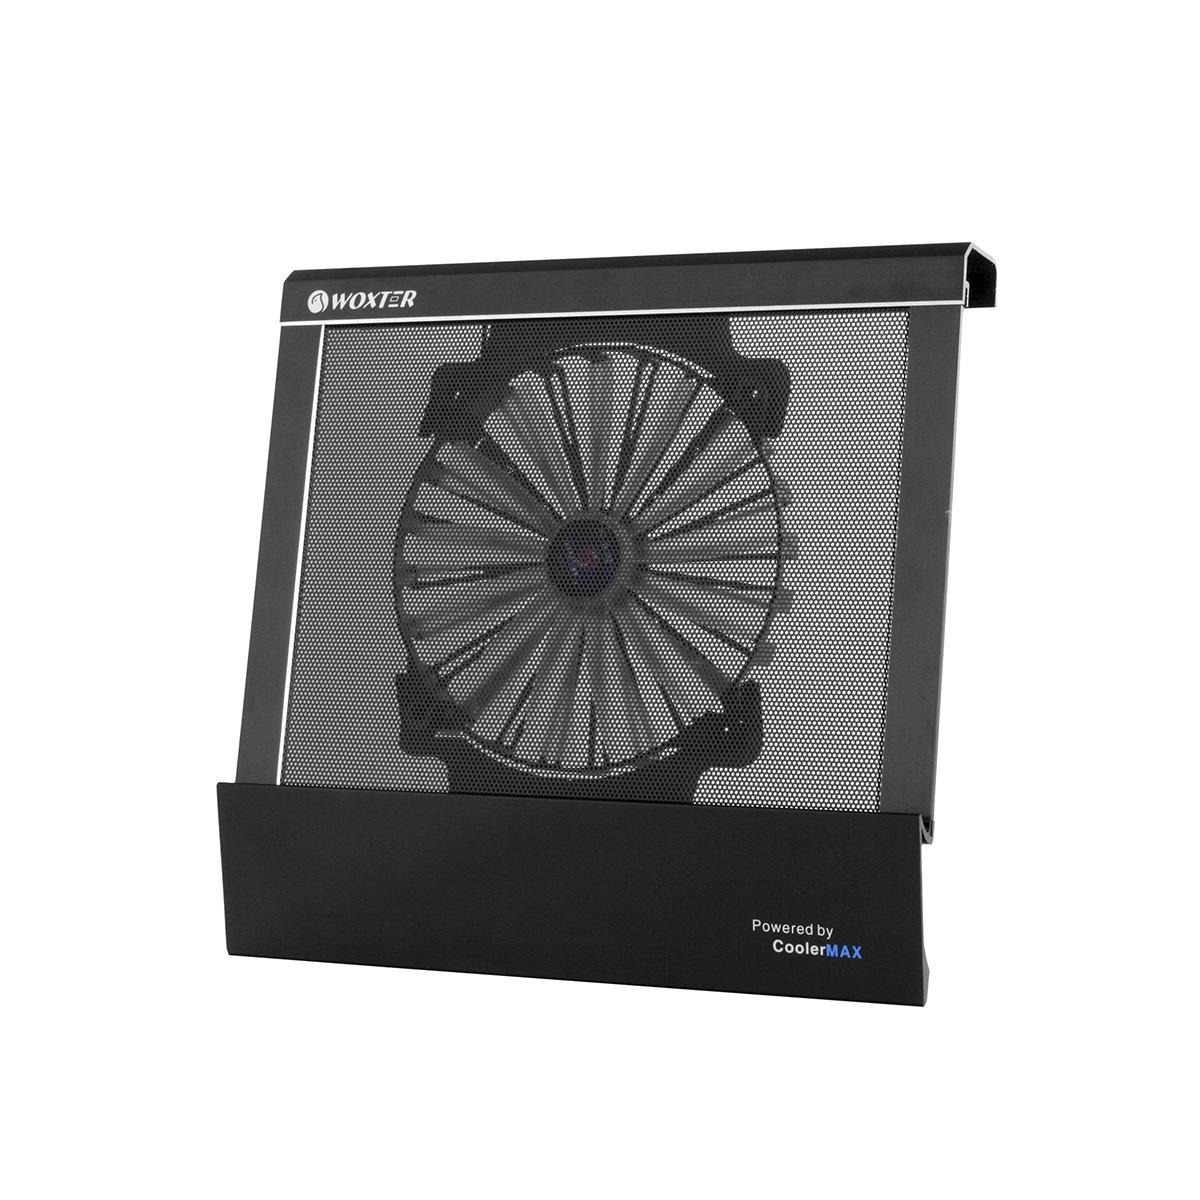 Woxter Cooling Pad 2200 - Base refrigeradora para ordenador portátil, color negro: Amazon.es: Informática